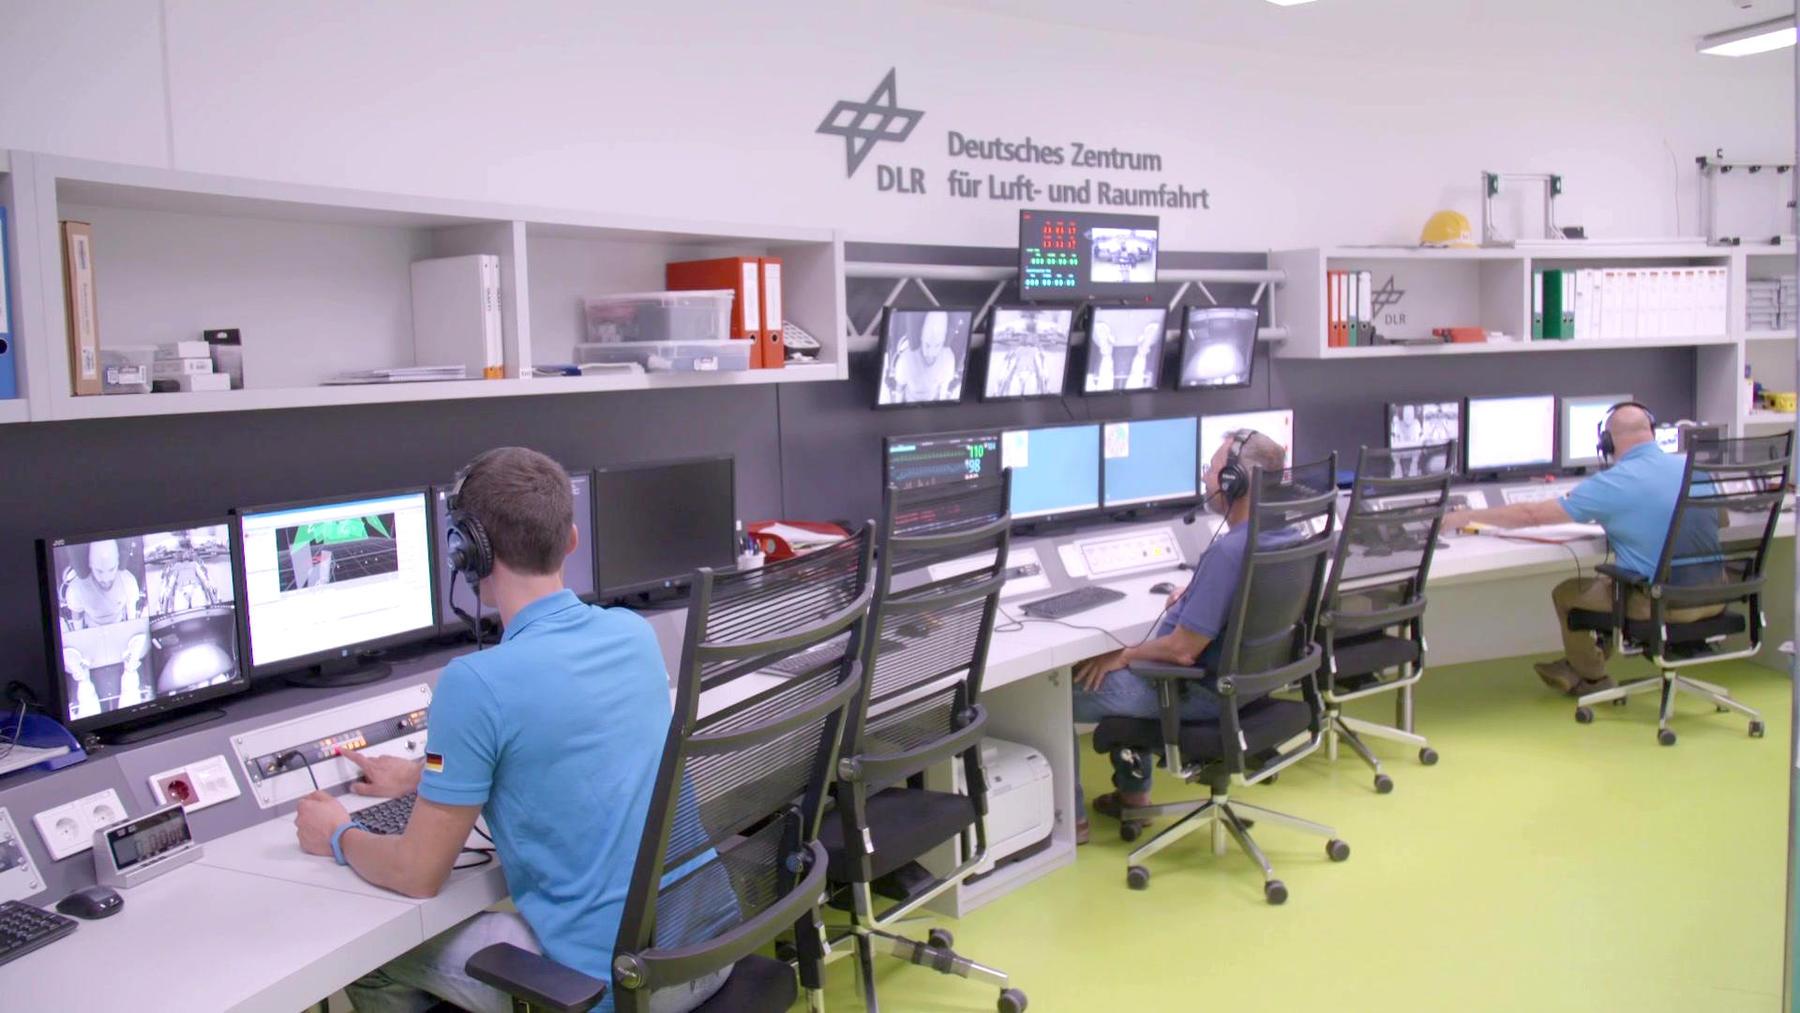 Raumfahrtforschung für die Umwelt